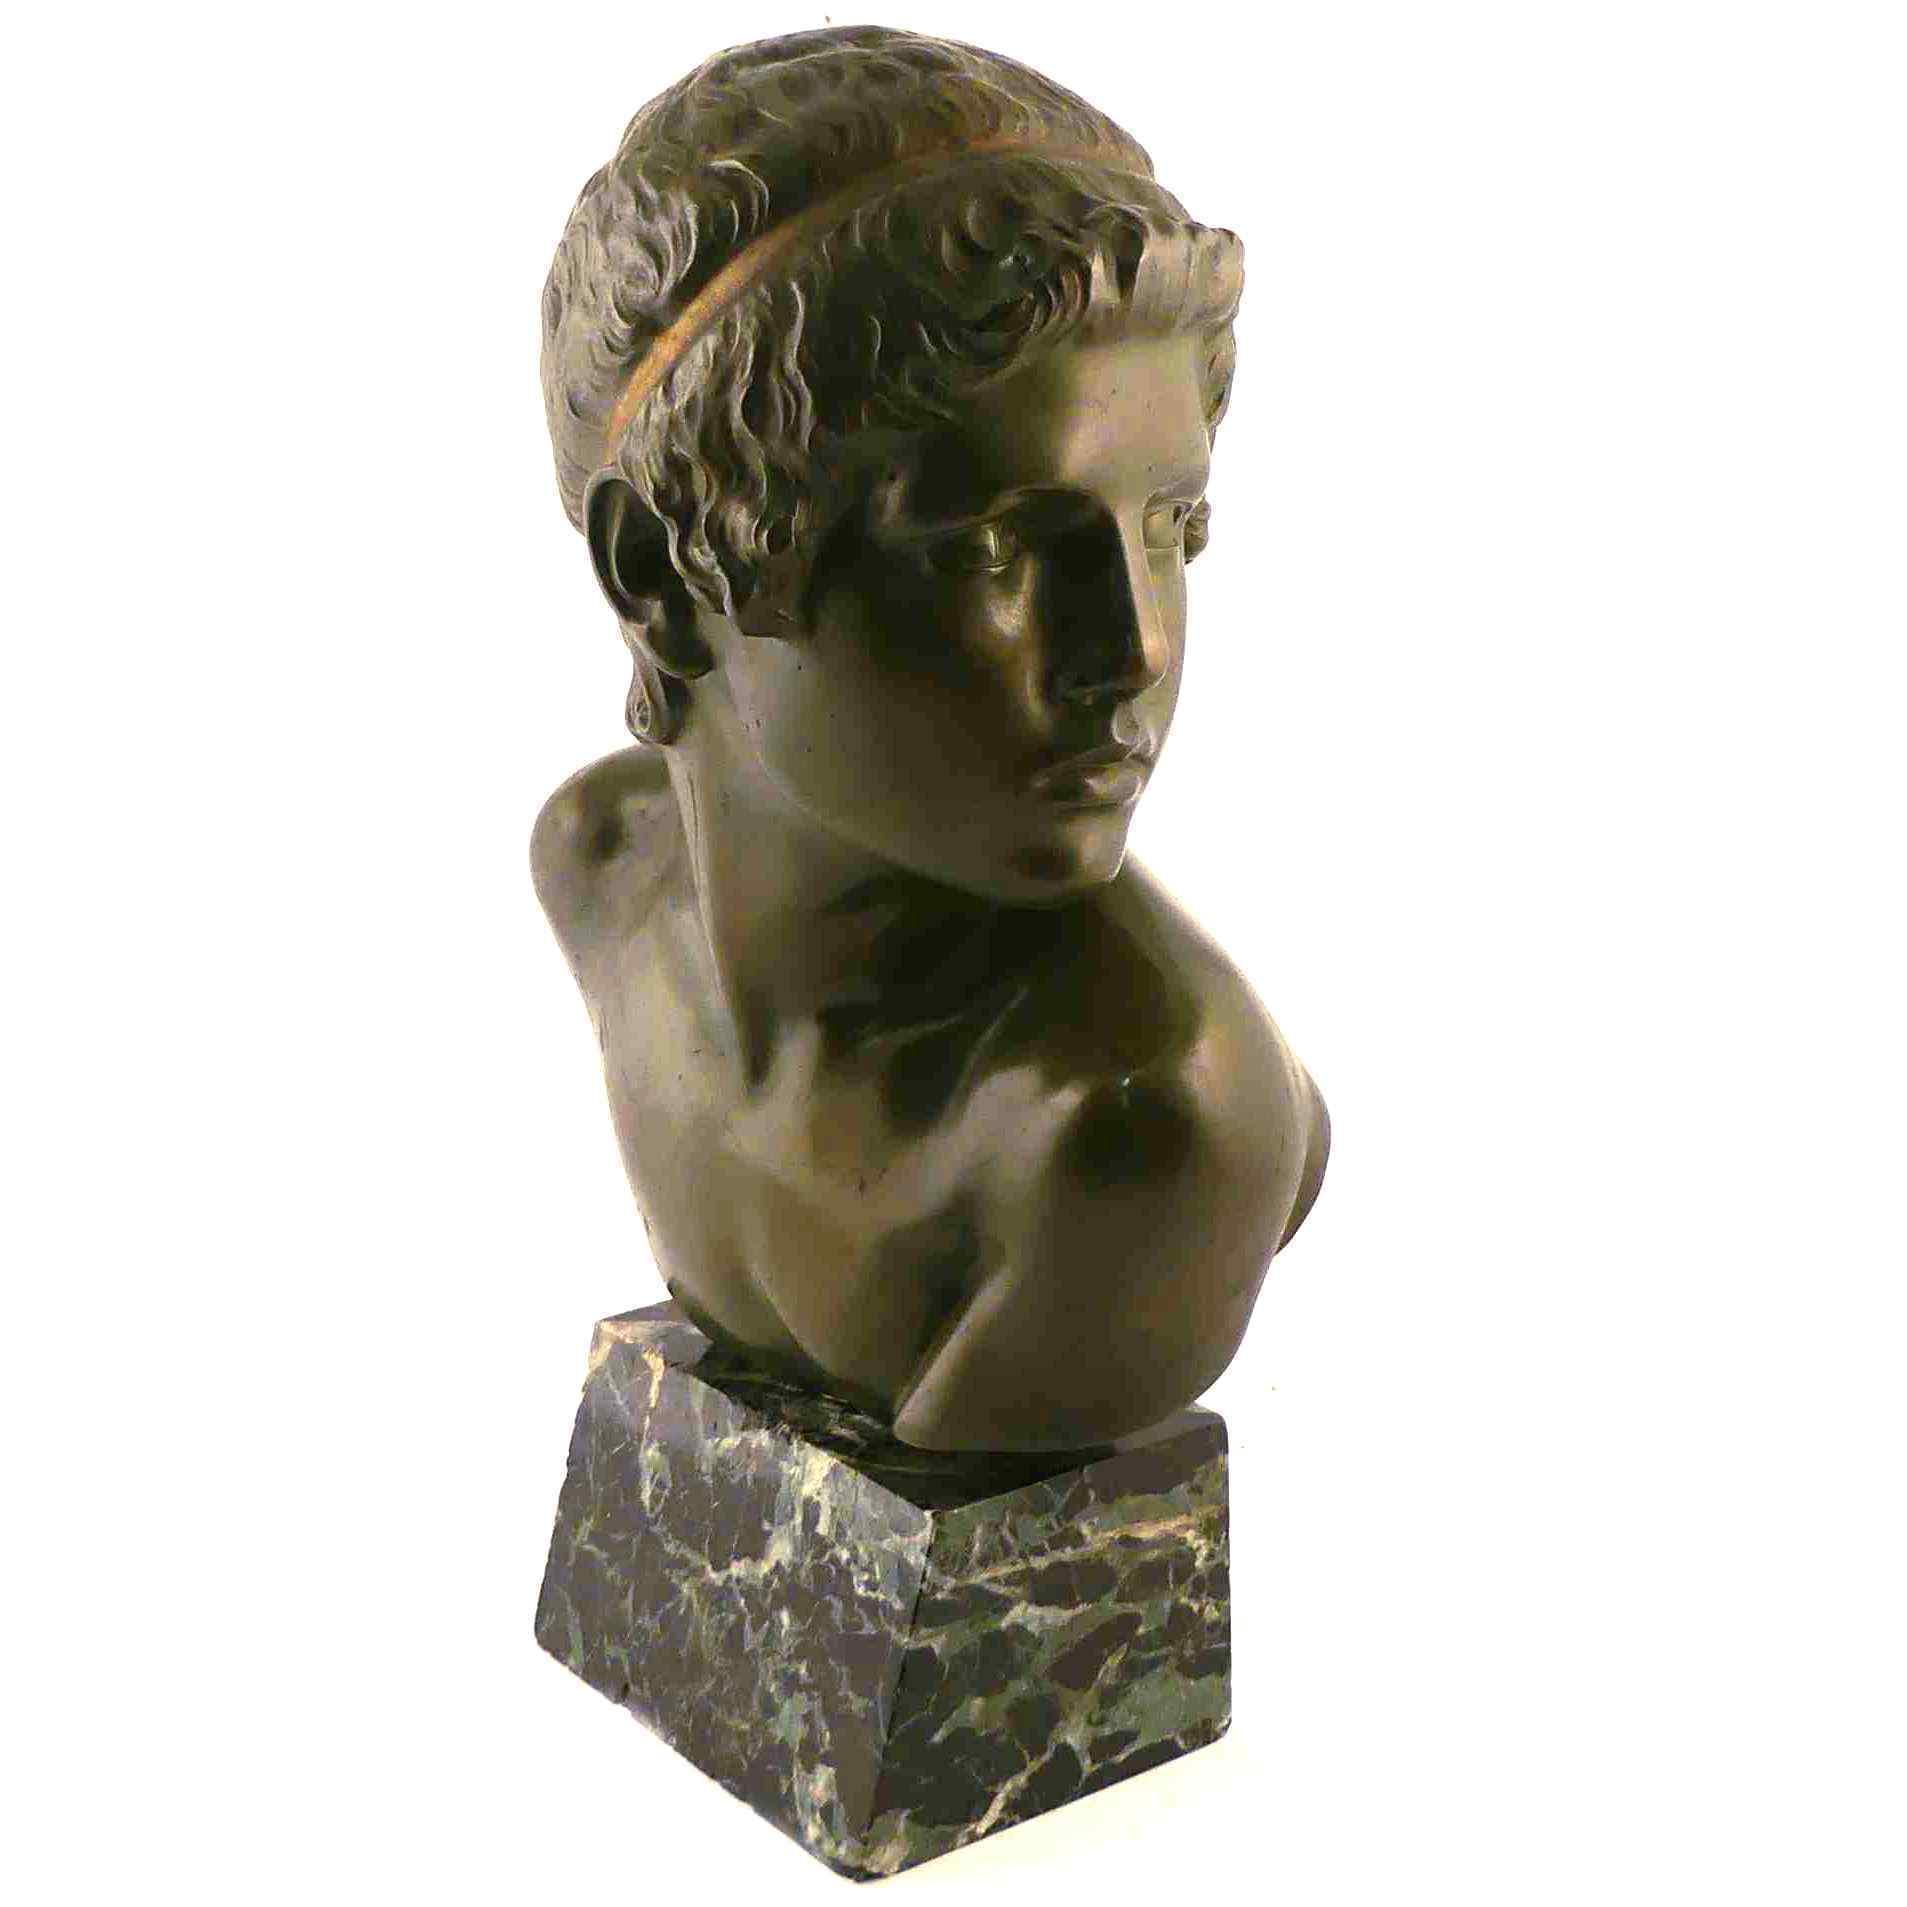 Bronzo antico inizio 1900, firmato Constantin Roux